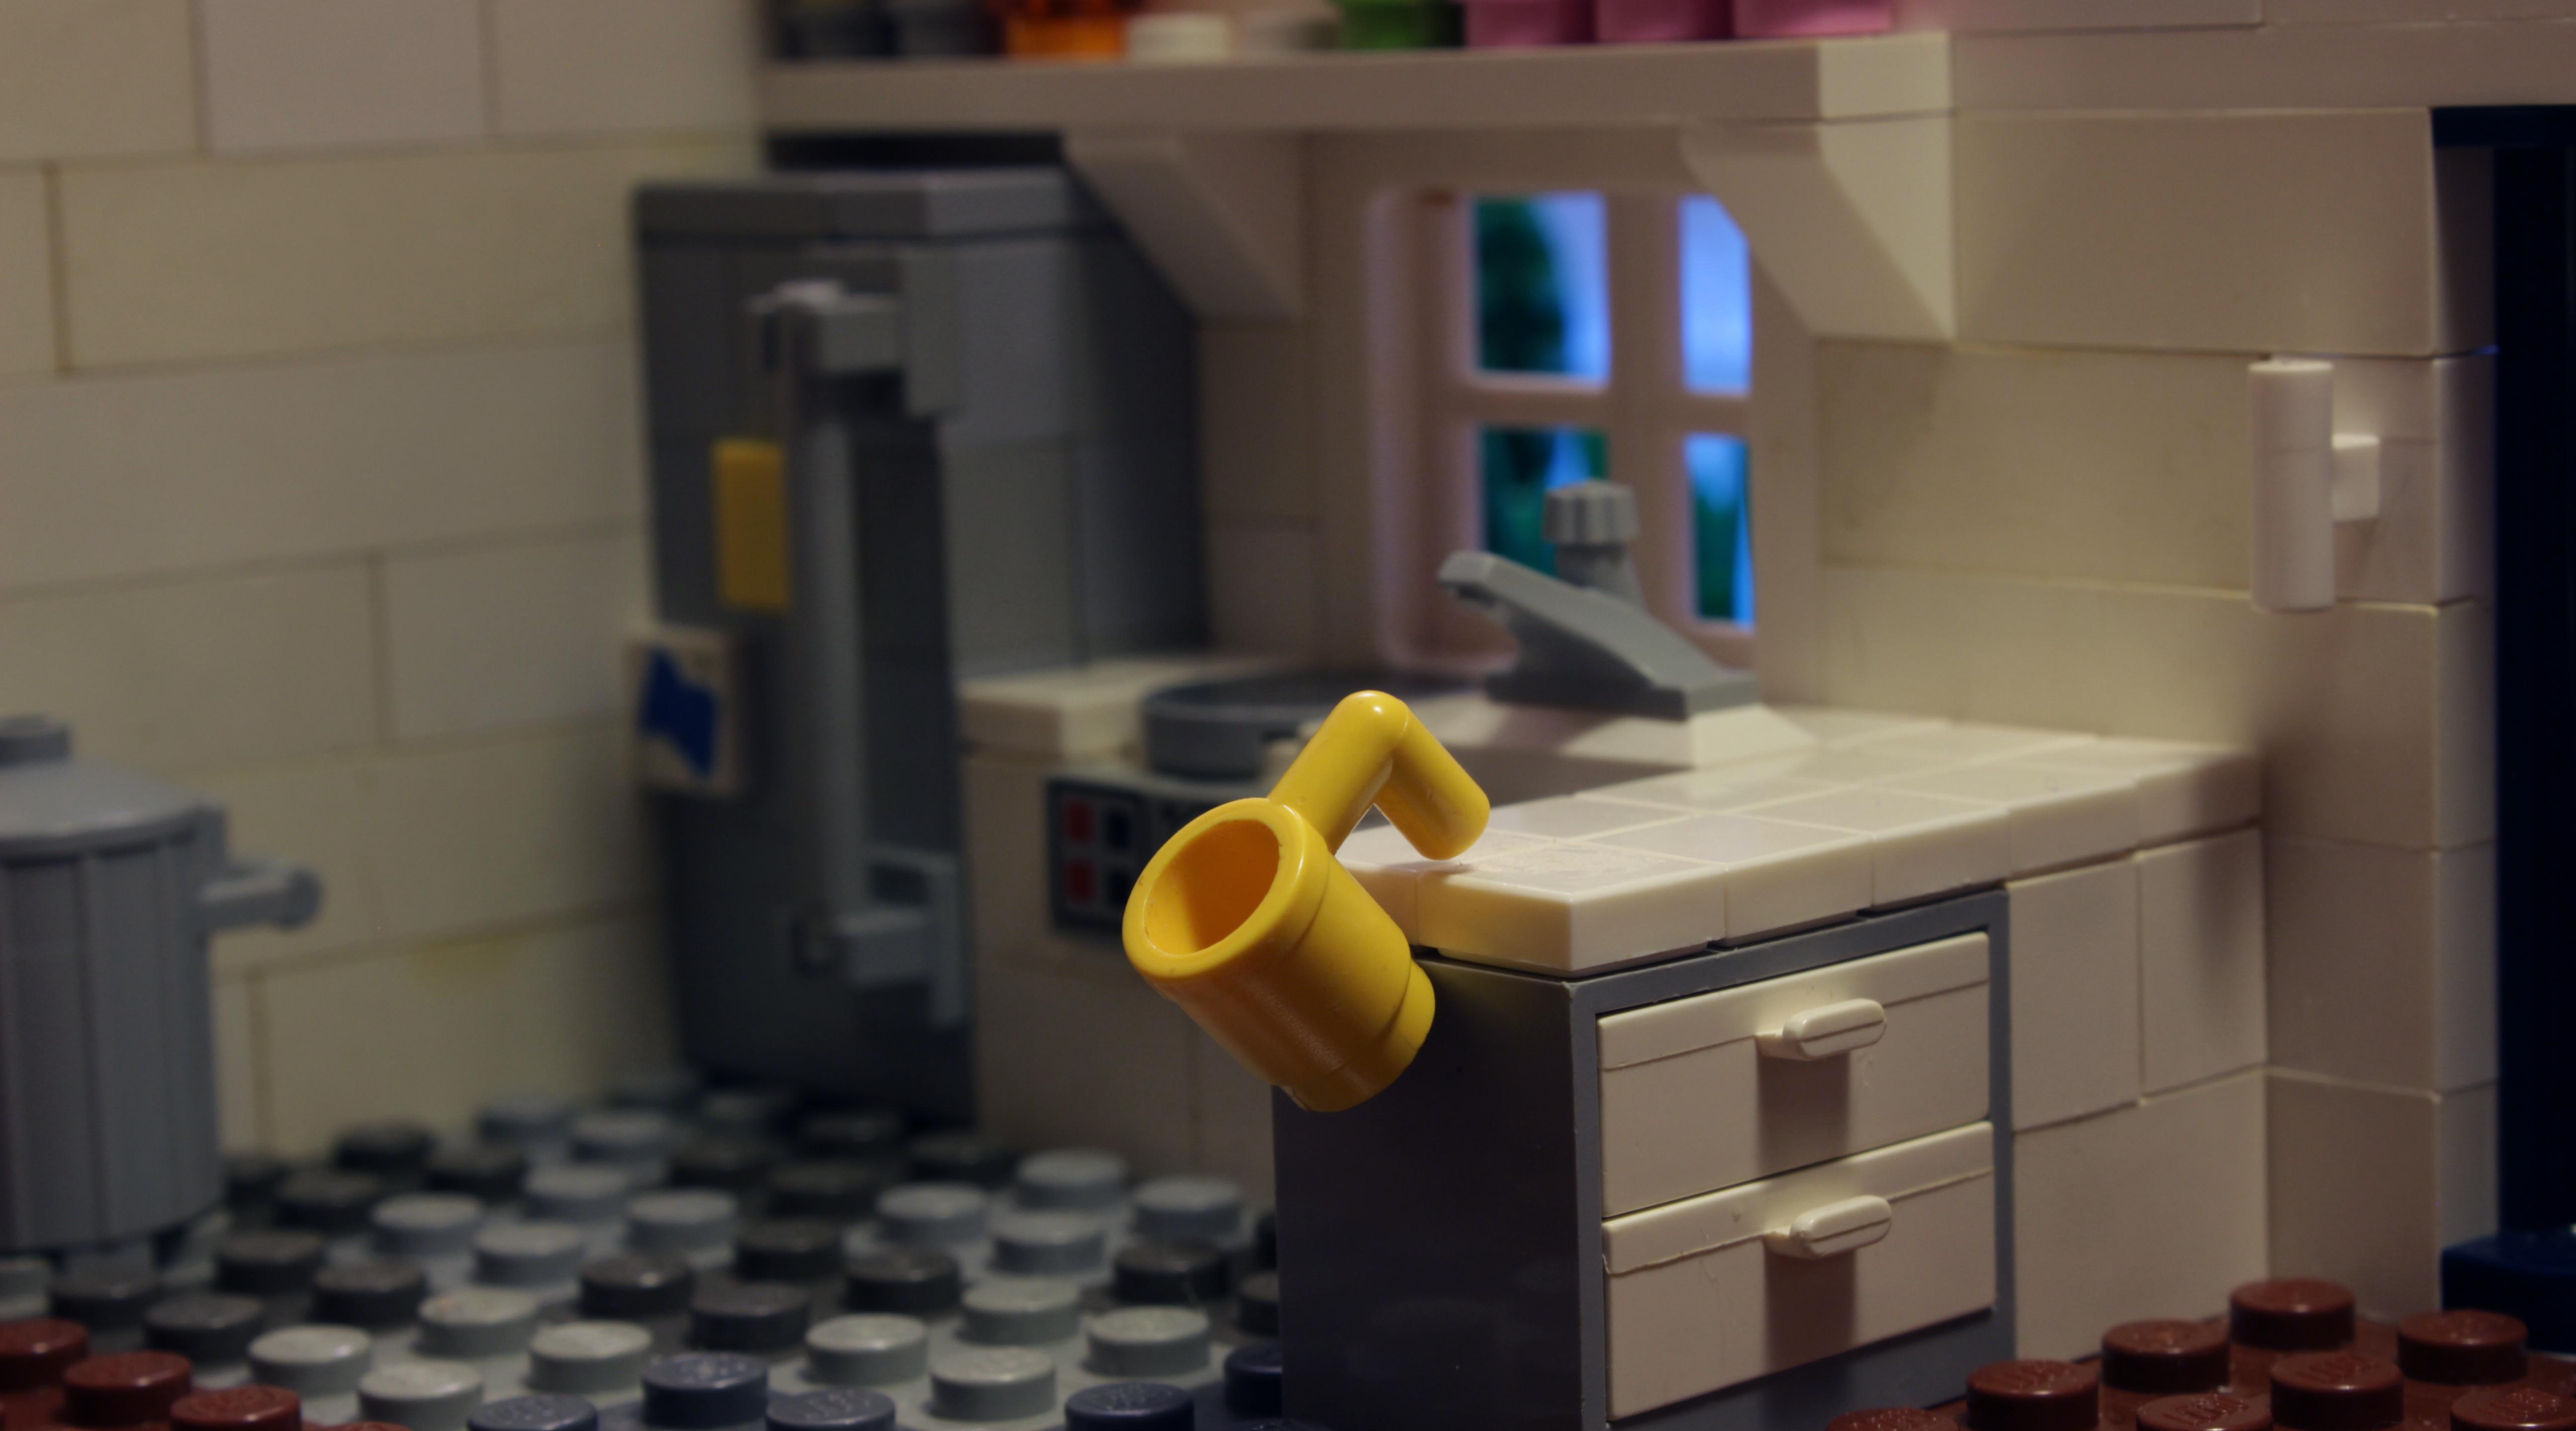 http://www.brickshelf.com/gallery/minifig77/stills/mugfall.jpg